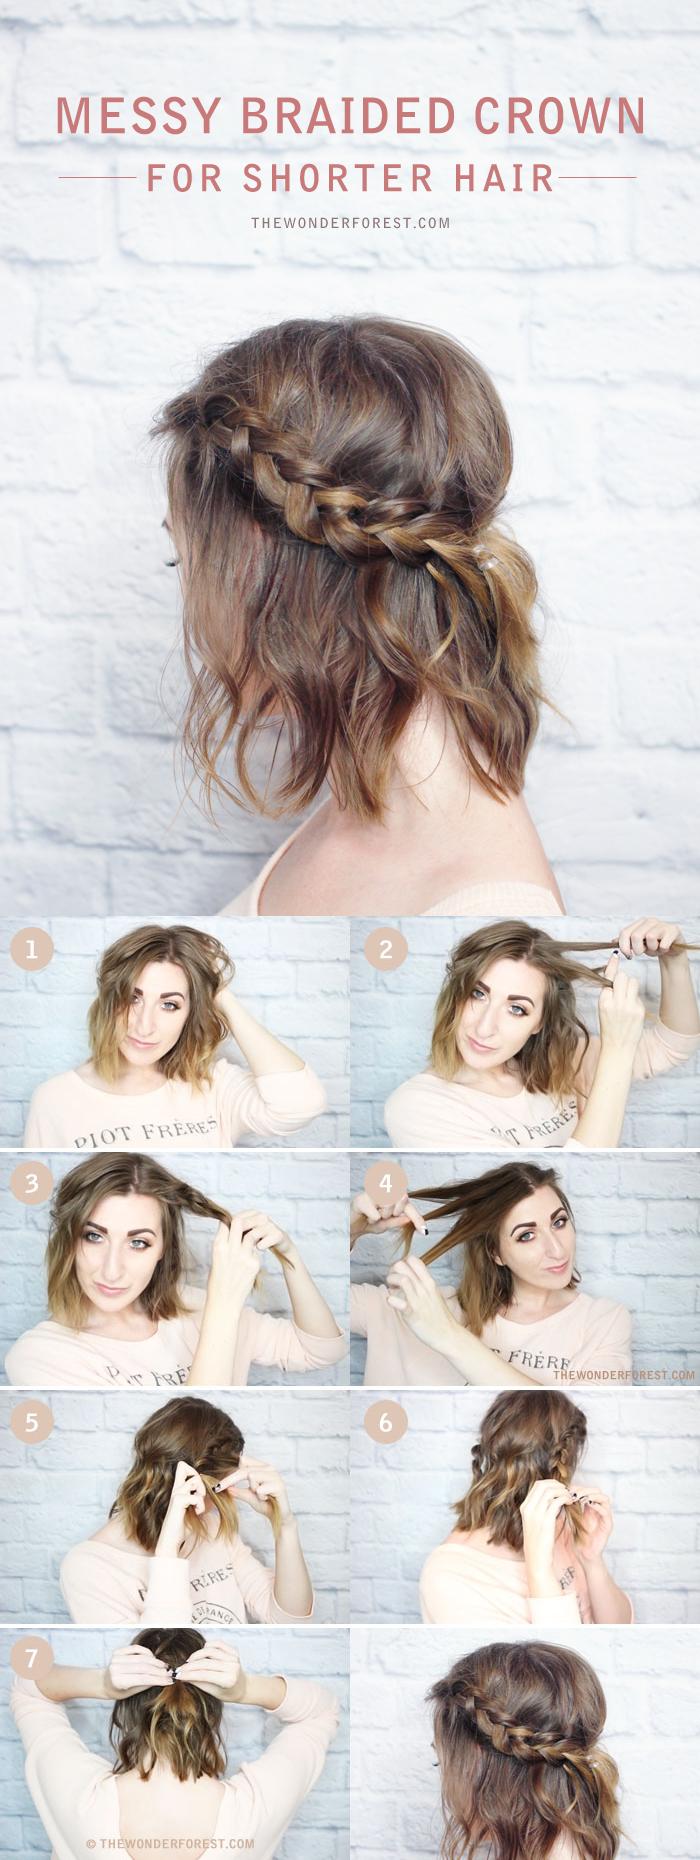 1001 id es comment coiffer des cheveux courts - Comment couper des parties d une video ...